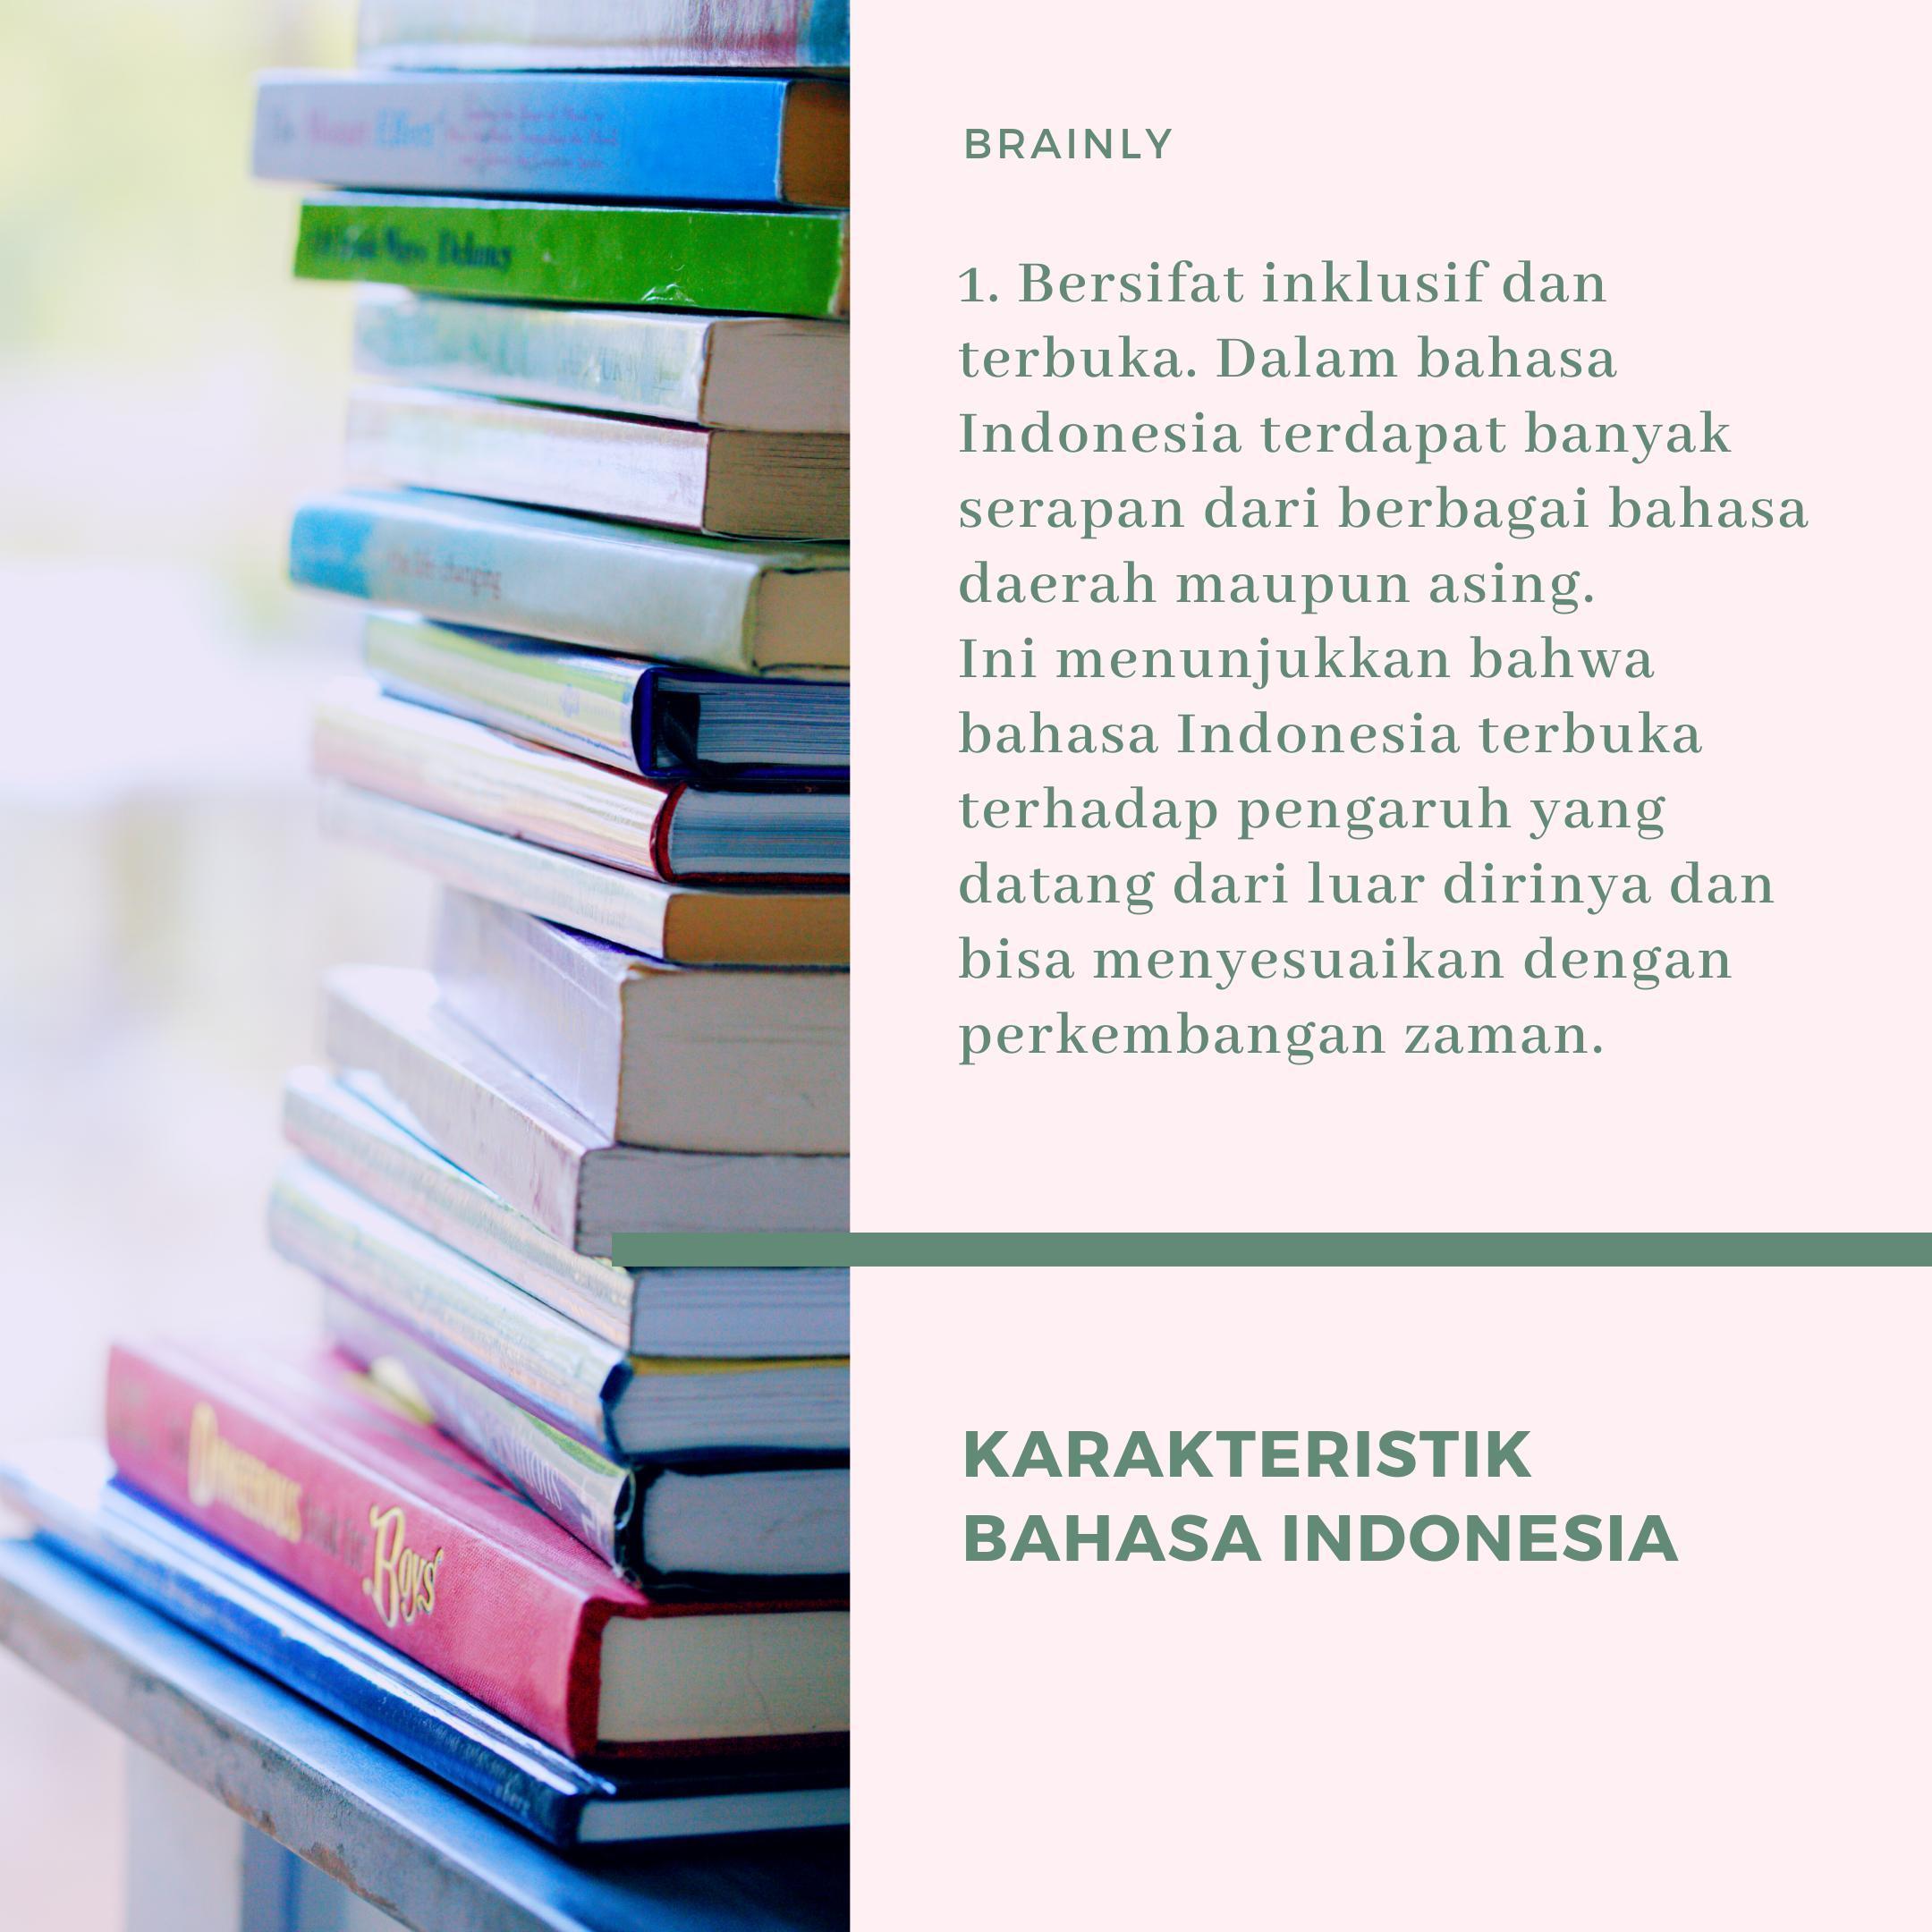 Pengertian Bahasa Indonesia Sebagai Pemersatu Bangsa Adalah Brainly